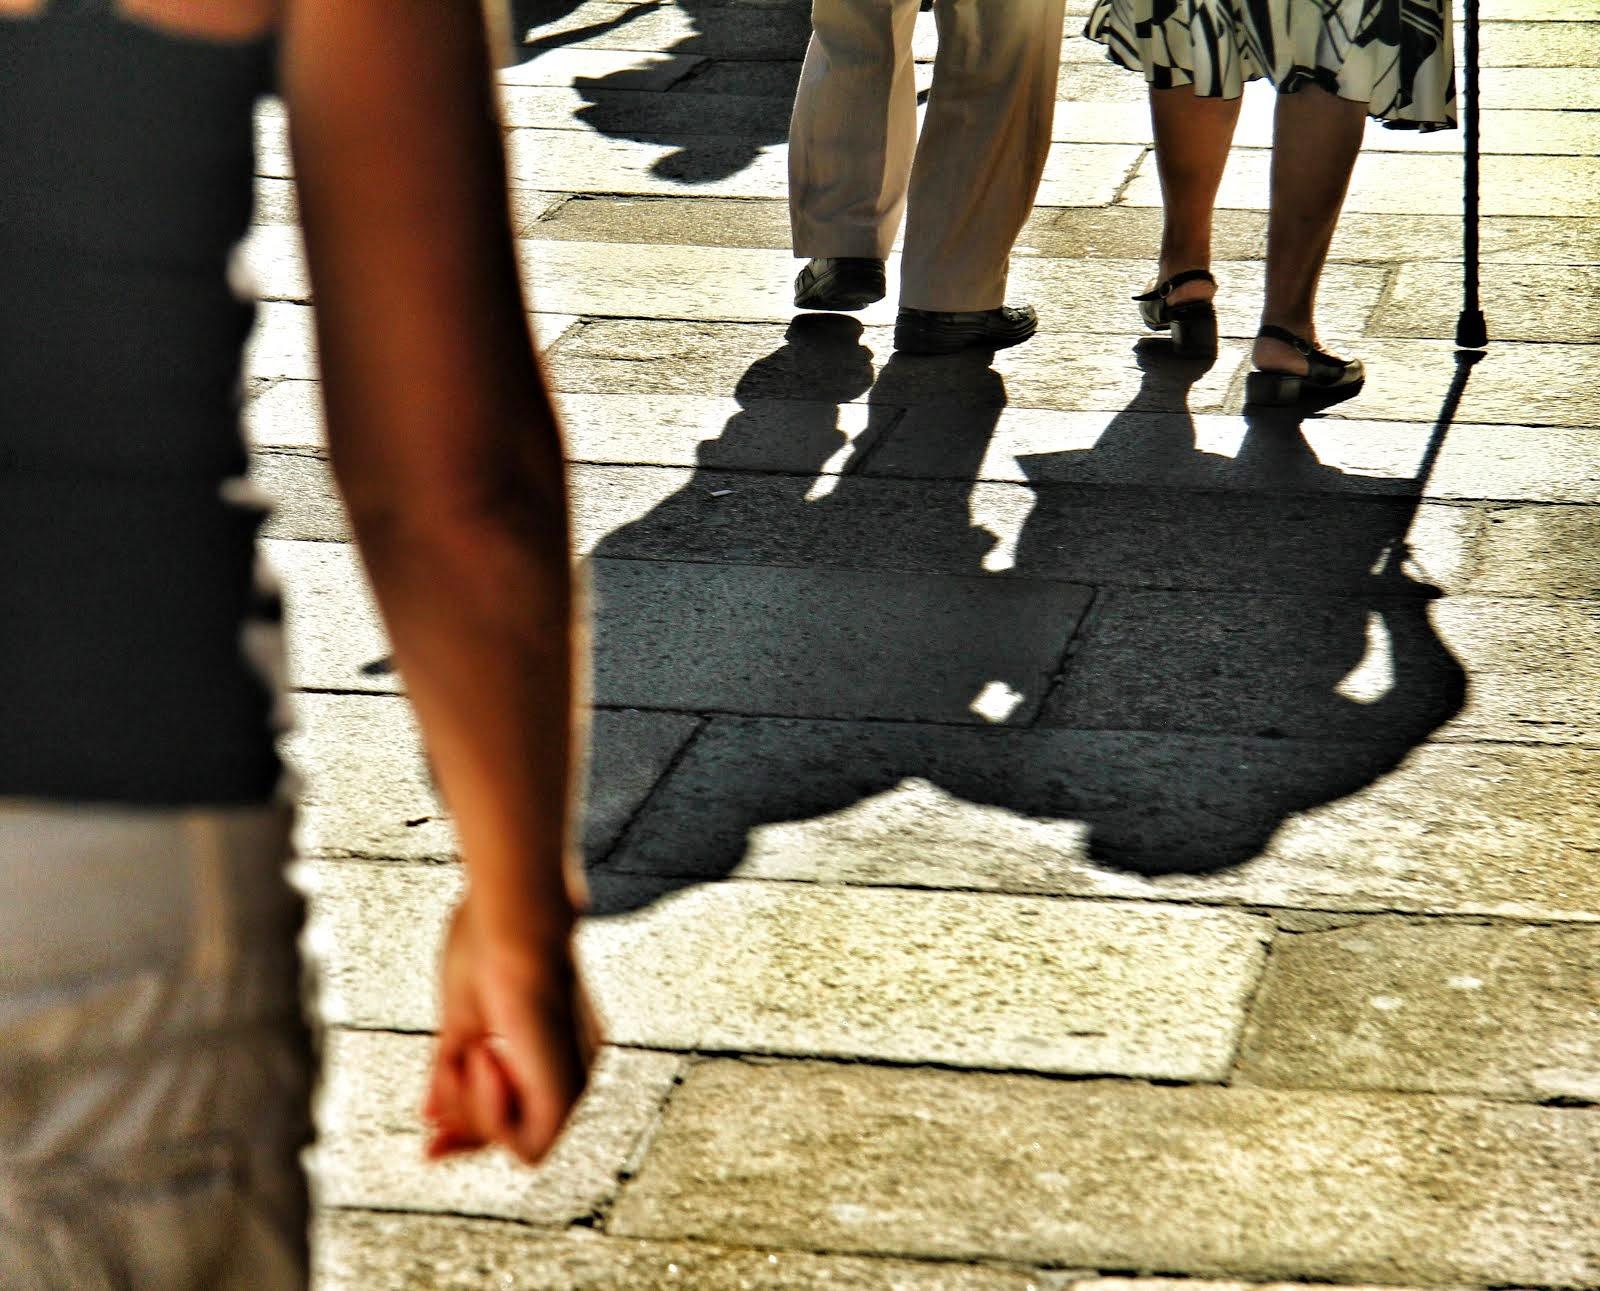 Fot grafo sin fronte s paseo santiago de compostela - Fotografo santiago de compostela ...